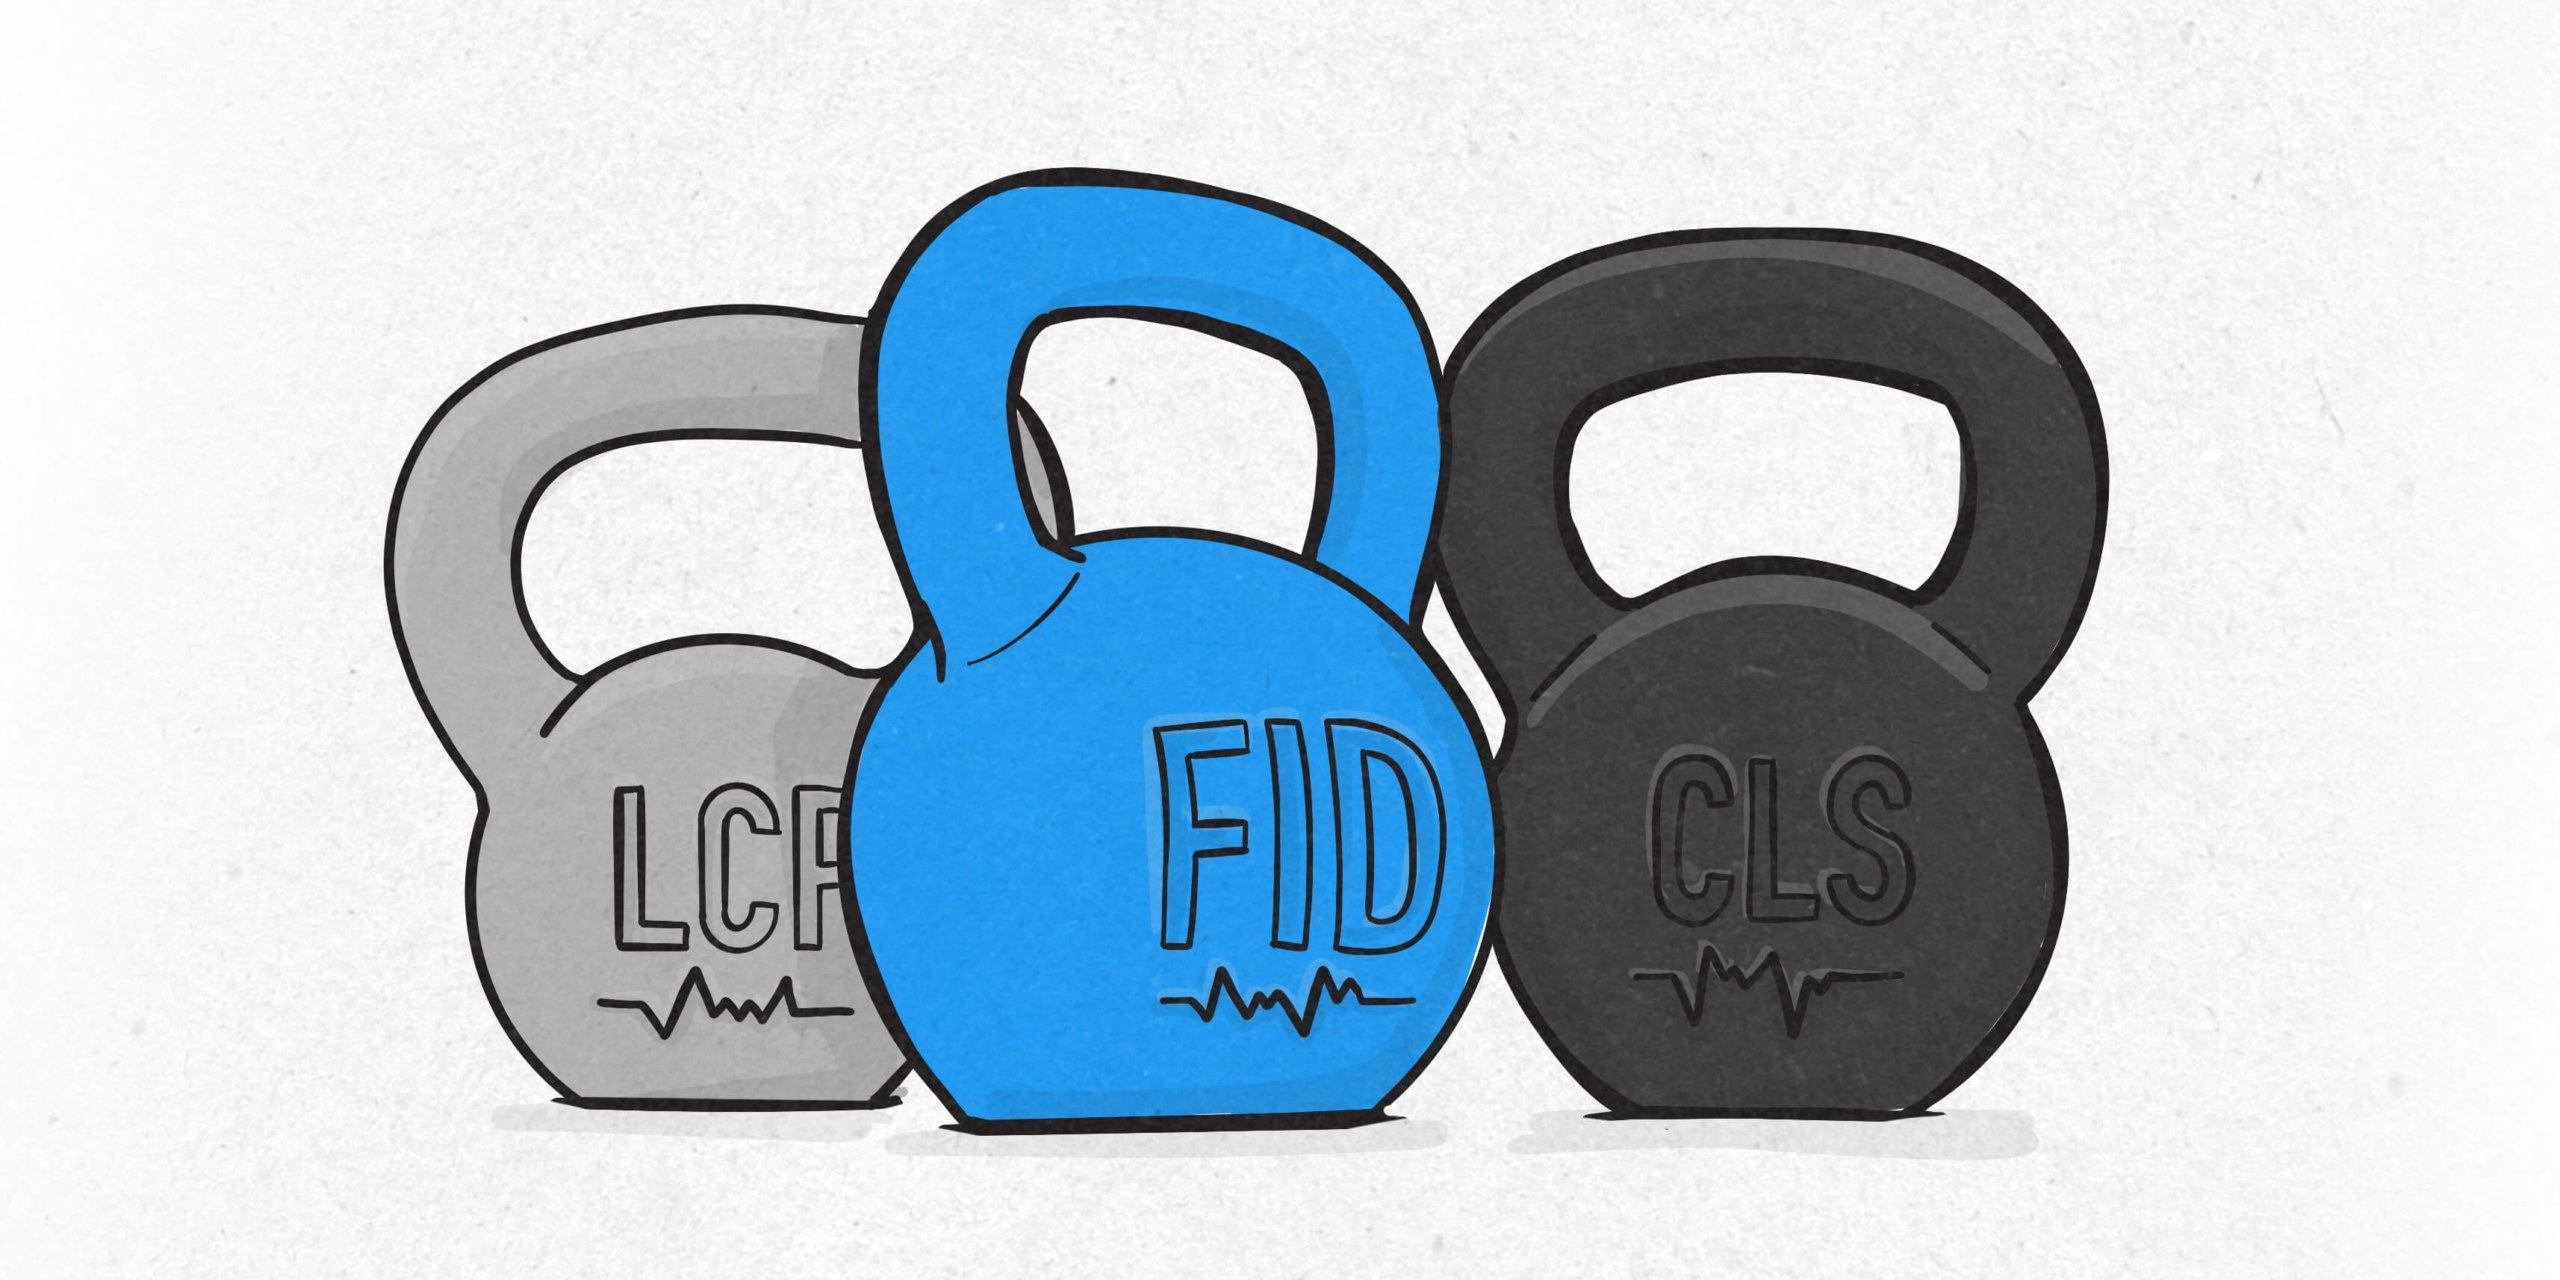 Illustration der Google Core Web Vitals Kennwerte LCP, FID und CLS als schwere Kettlebells